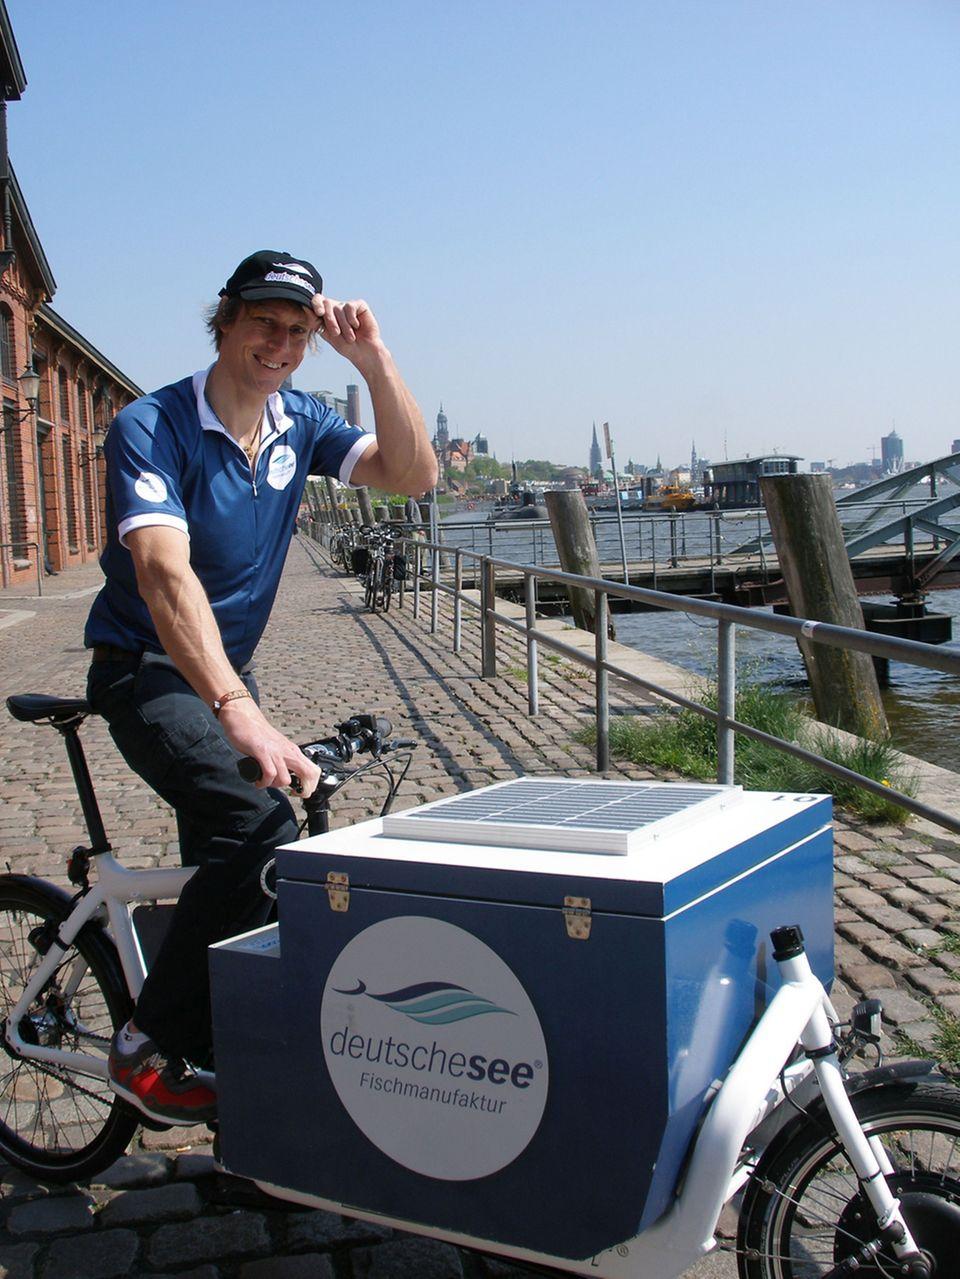 In Hamburg liefert Deutsche See auch mit umweltfreundlichen eBikes aus